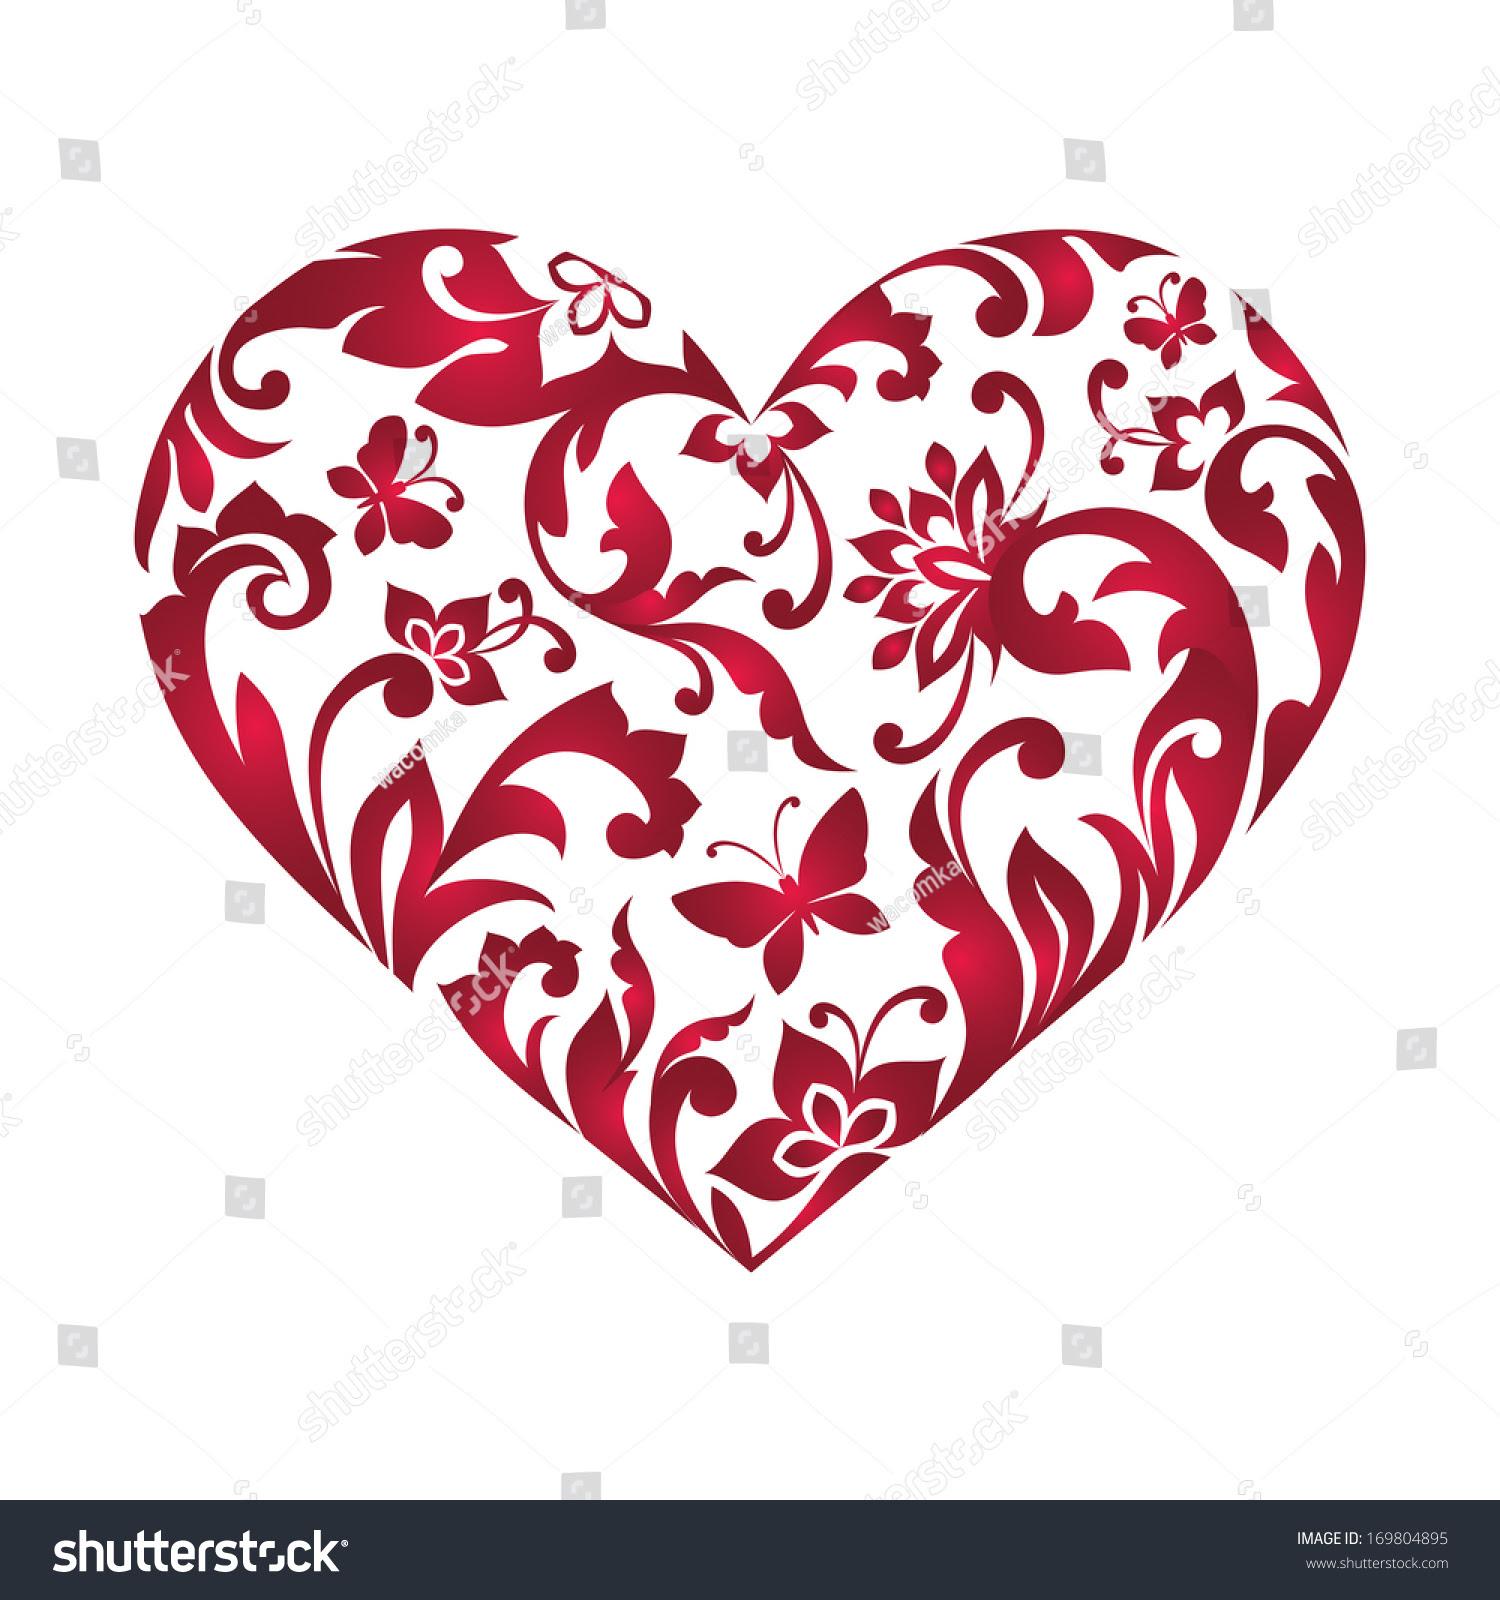 Editable Heart Clipart